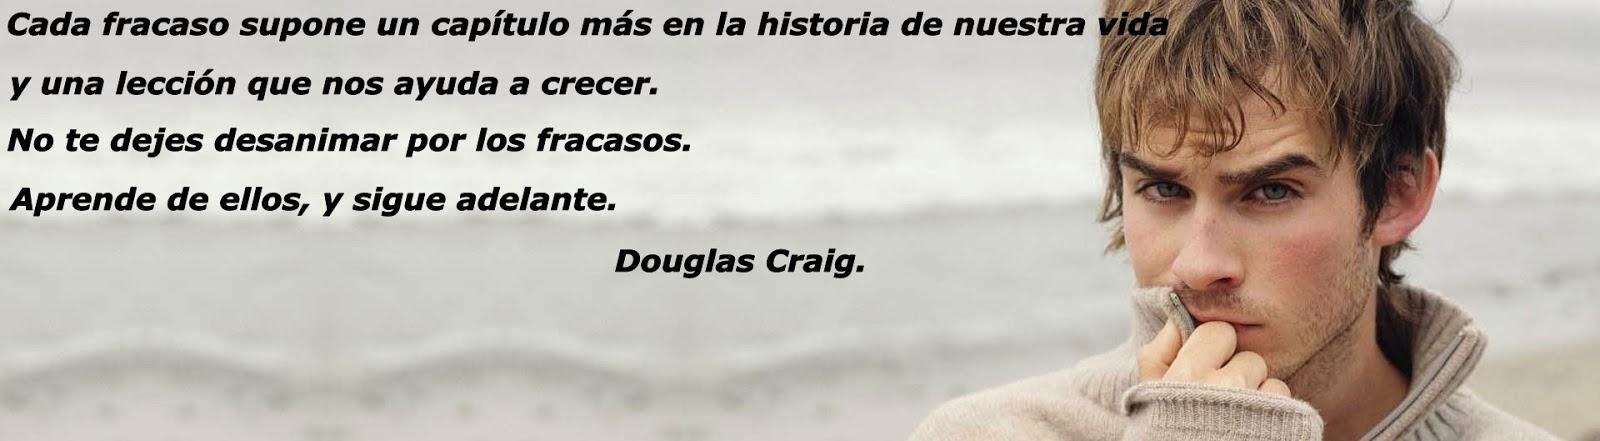 Frases de Douglas